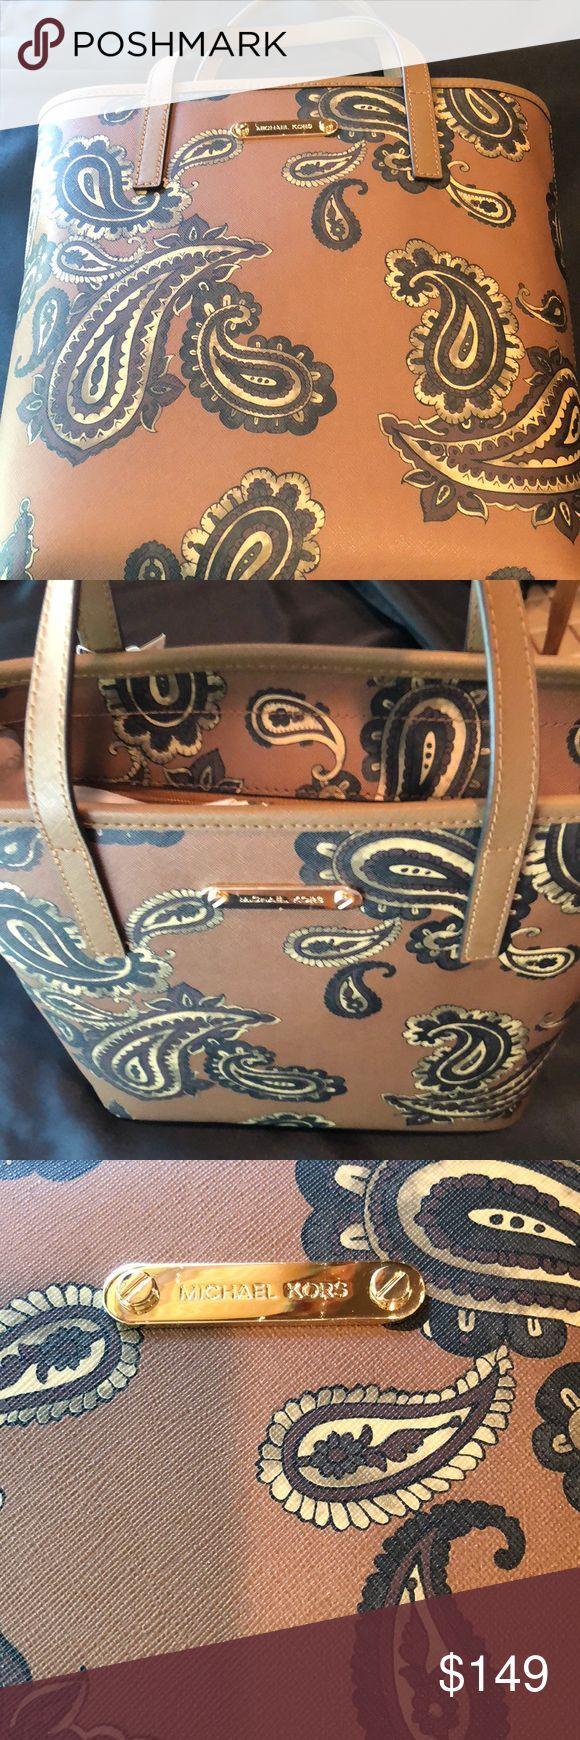 Emry Medium Leather Tote Bag